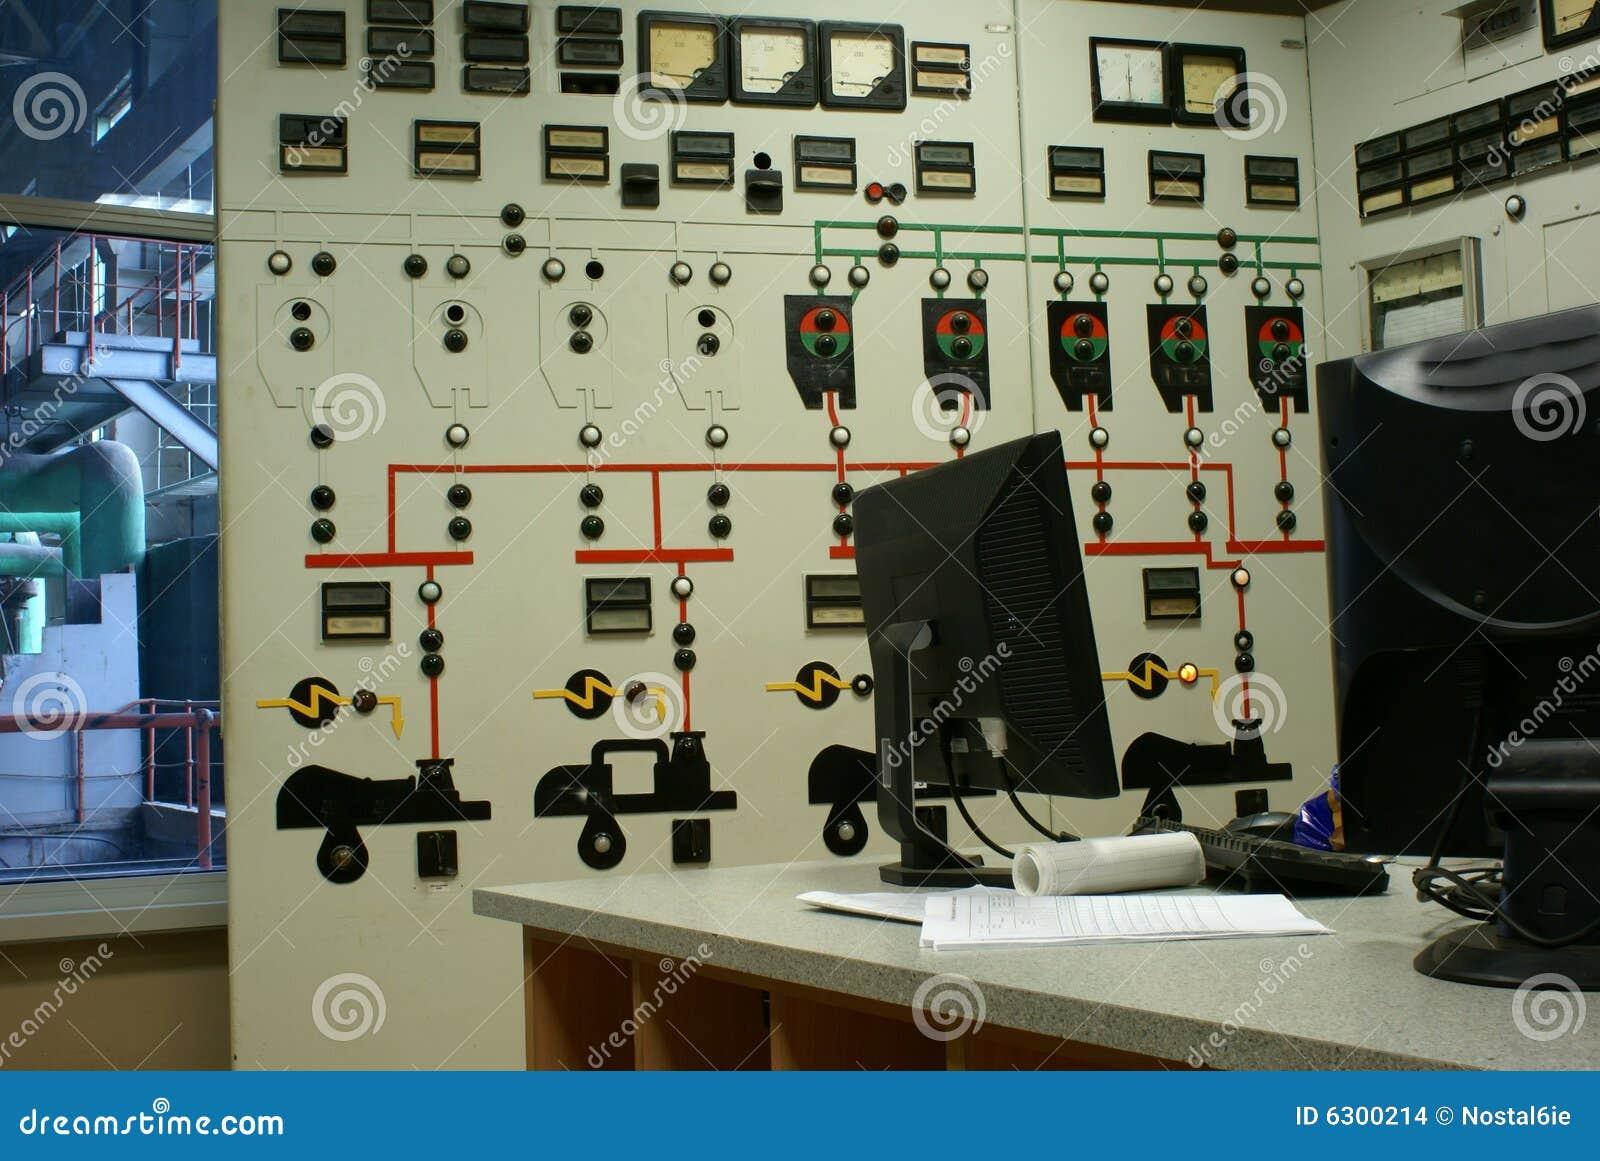 Bedienerraum an einer Triebwerkanlage